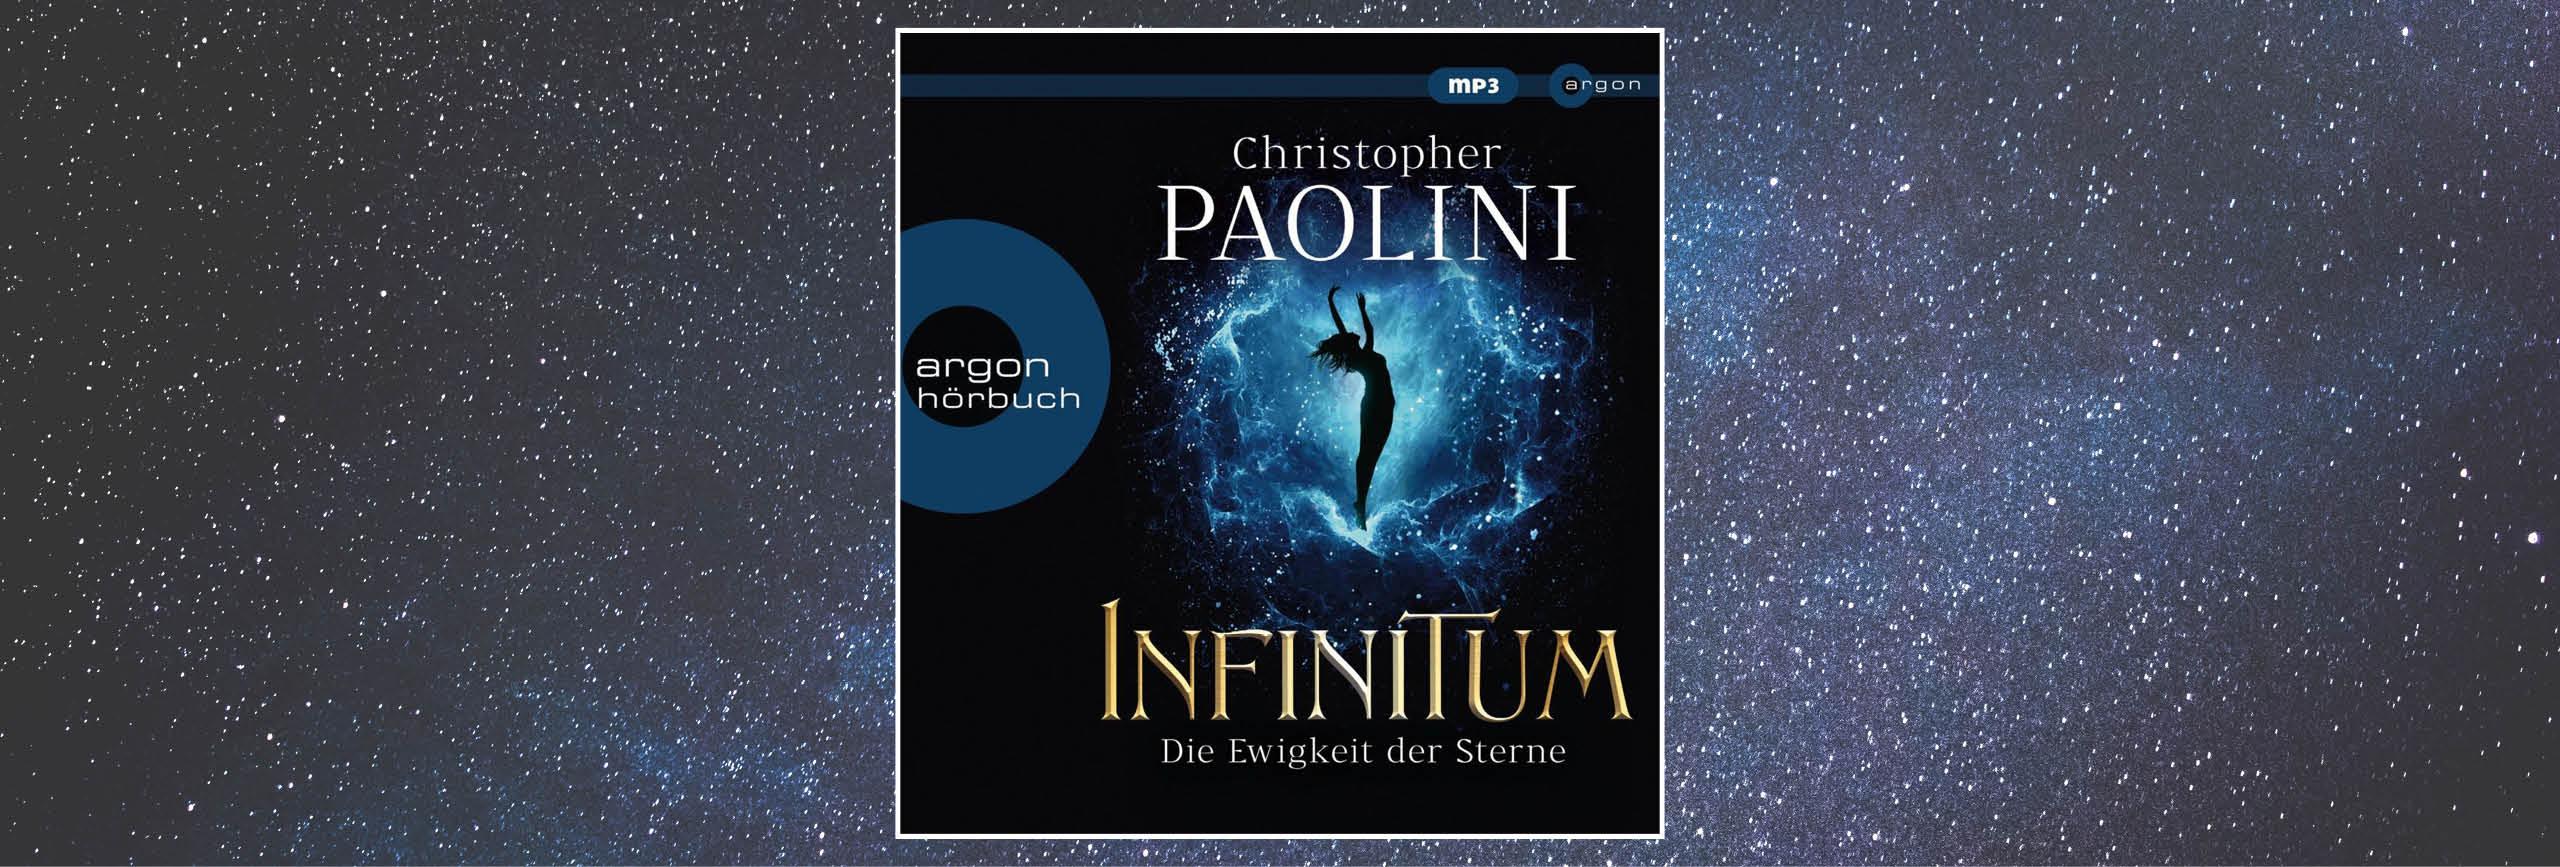 Infinitum – Die Ewigkeit der Sterne